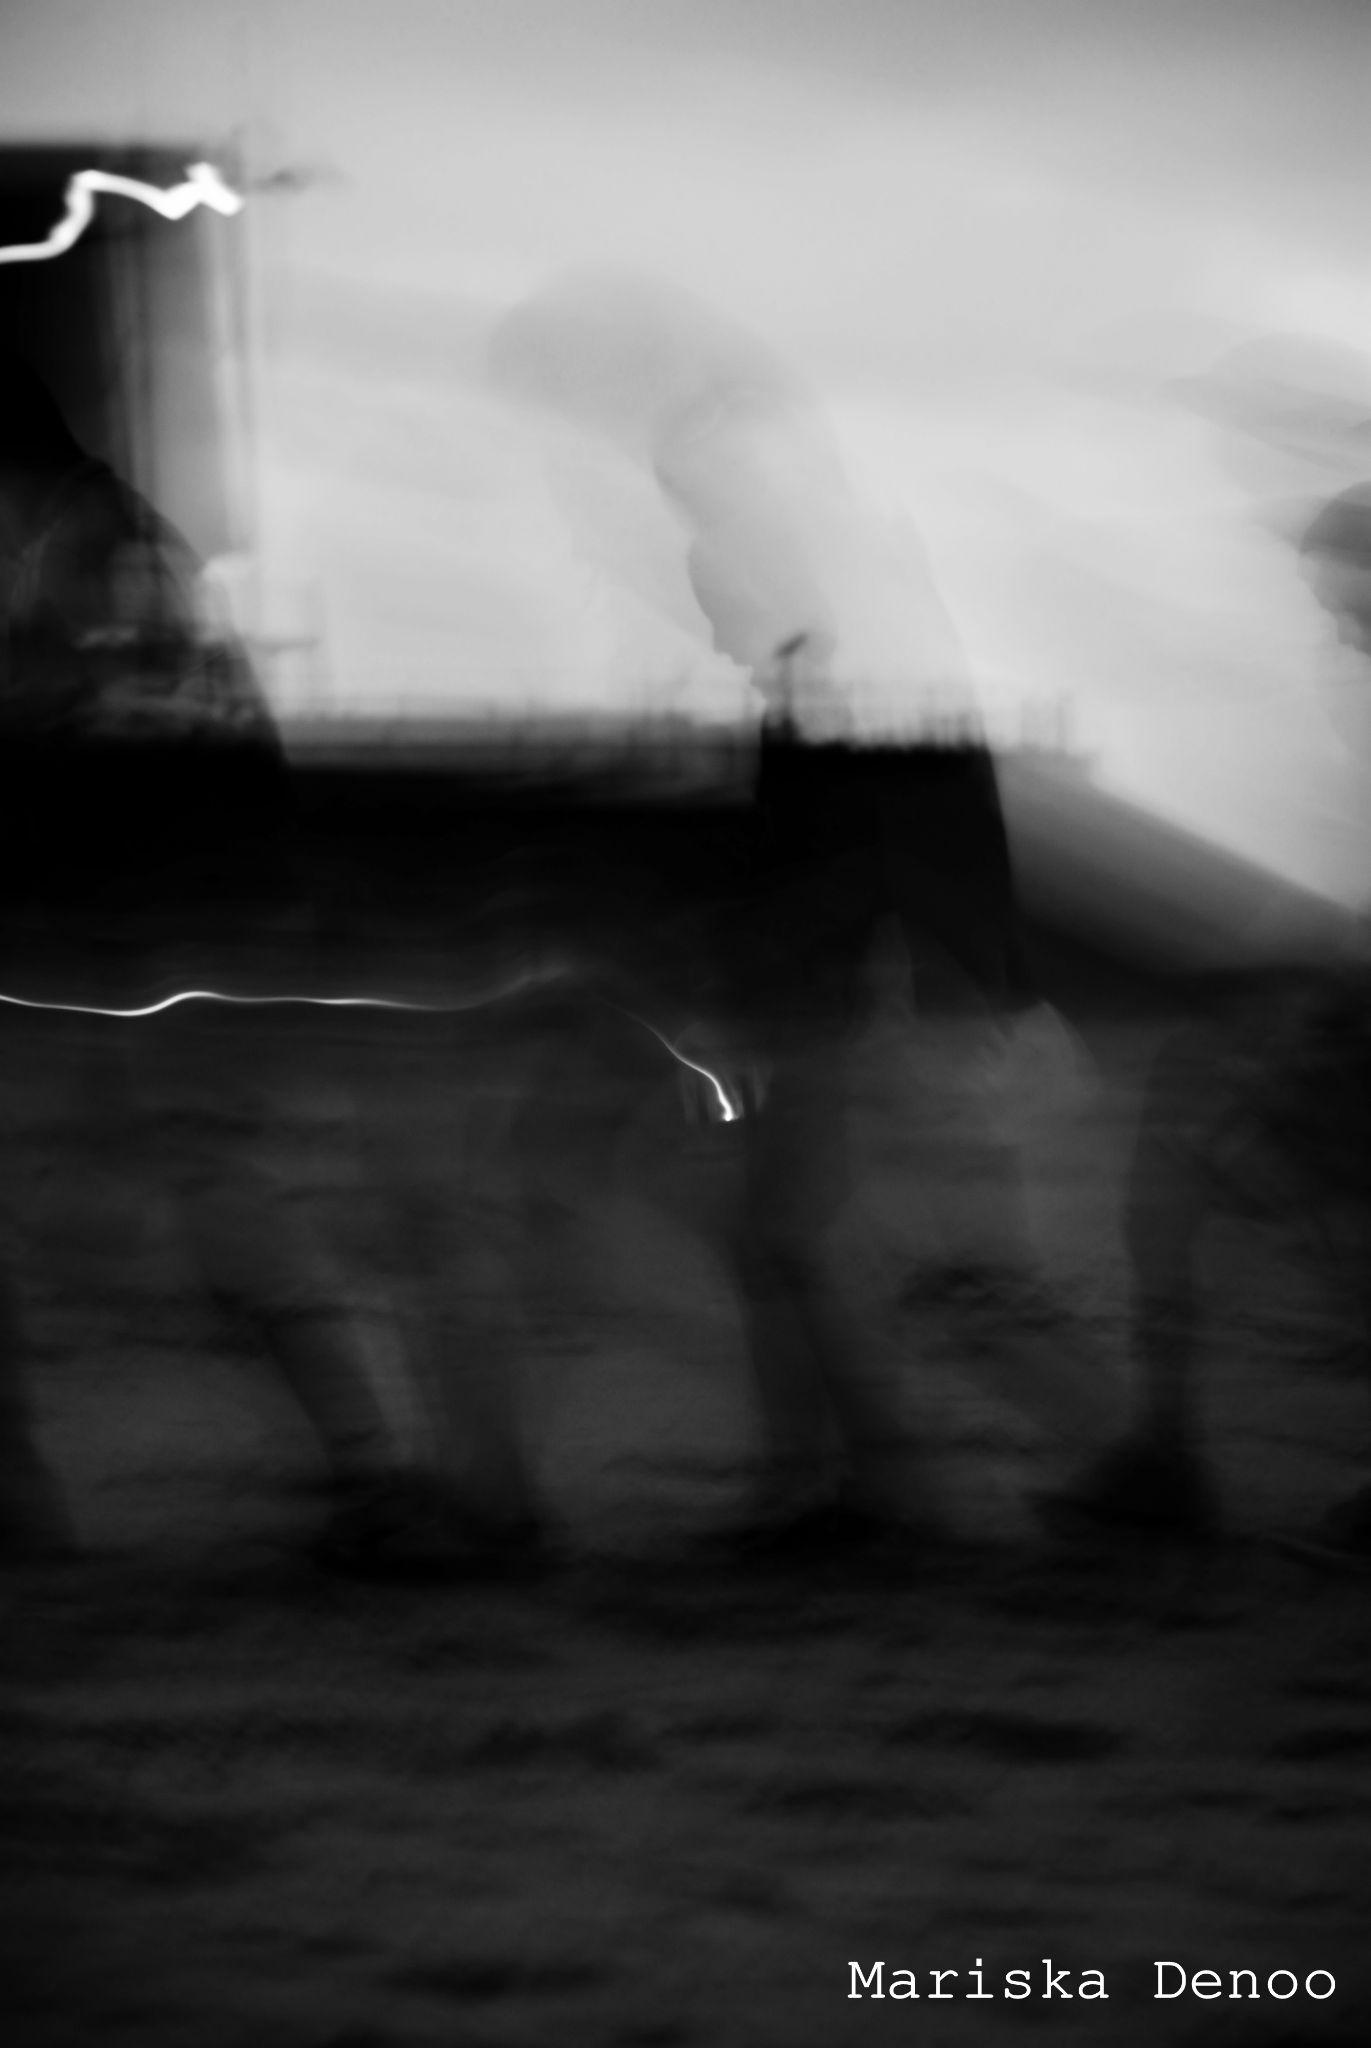 Walking shadows by Mariska Denoo